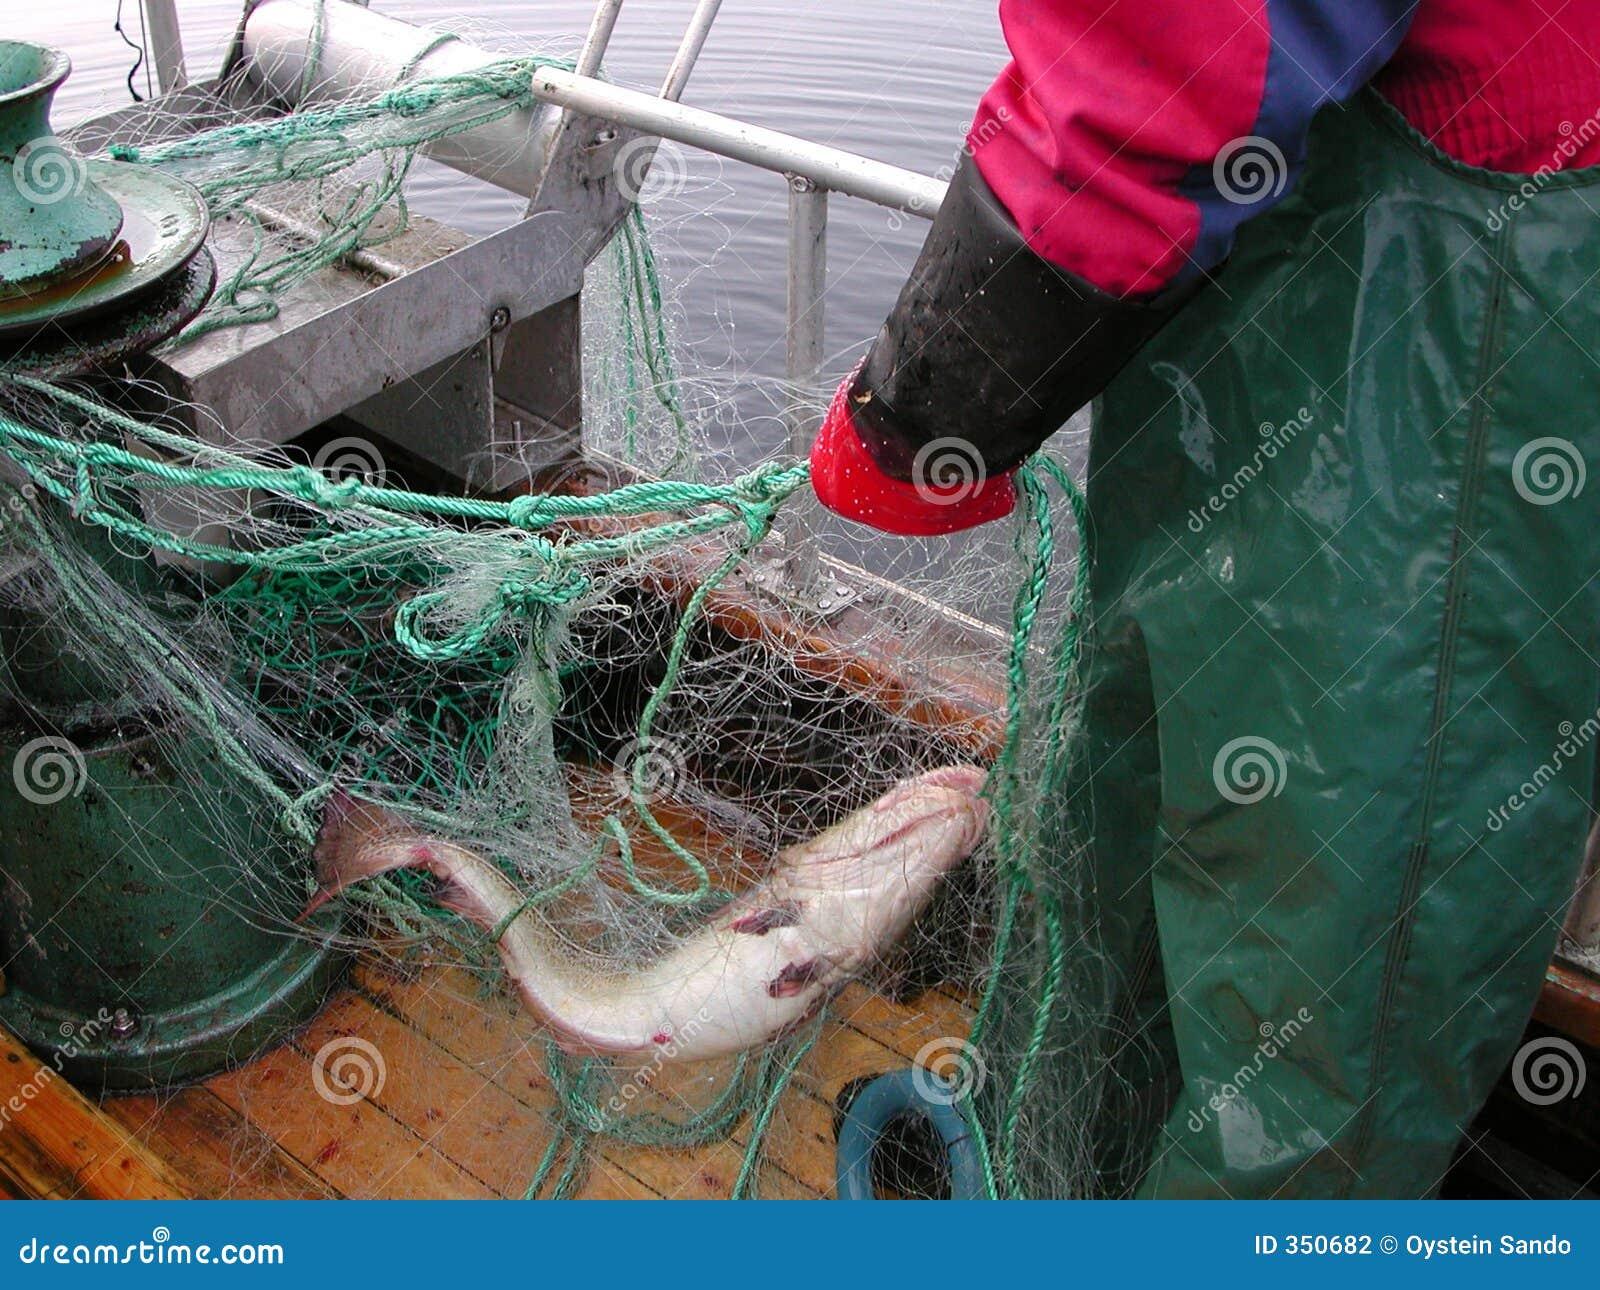 Norwegian Fisherman